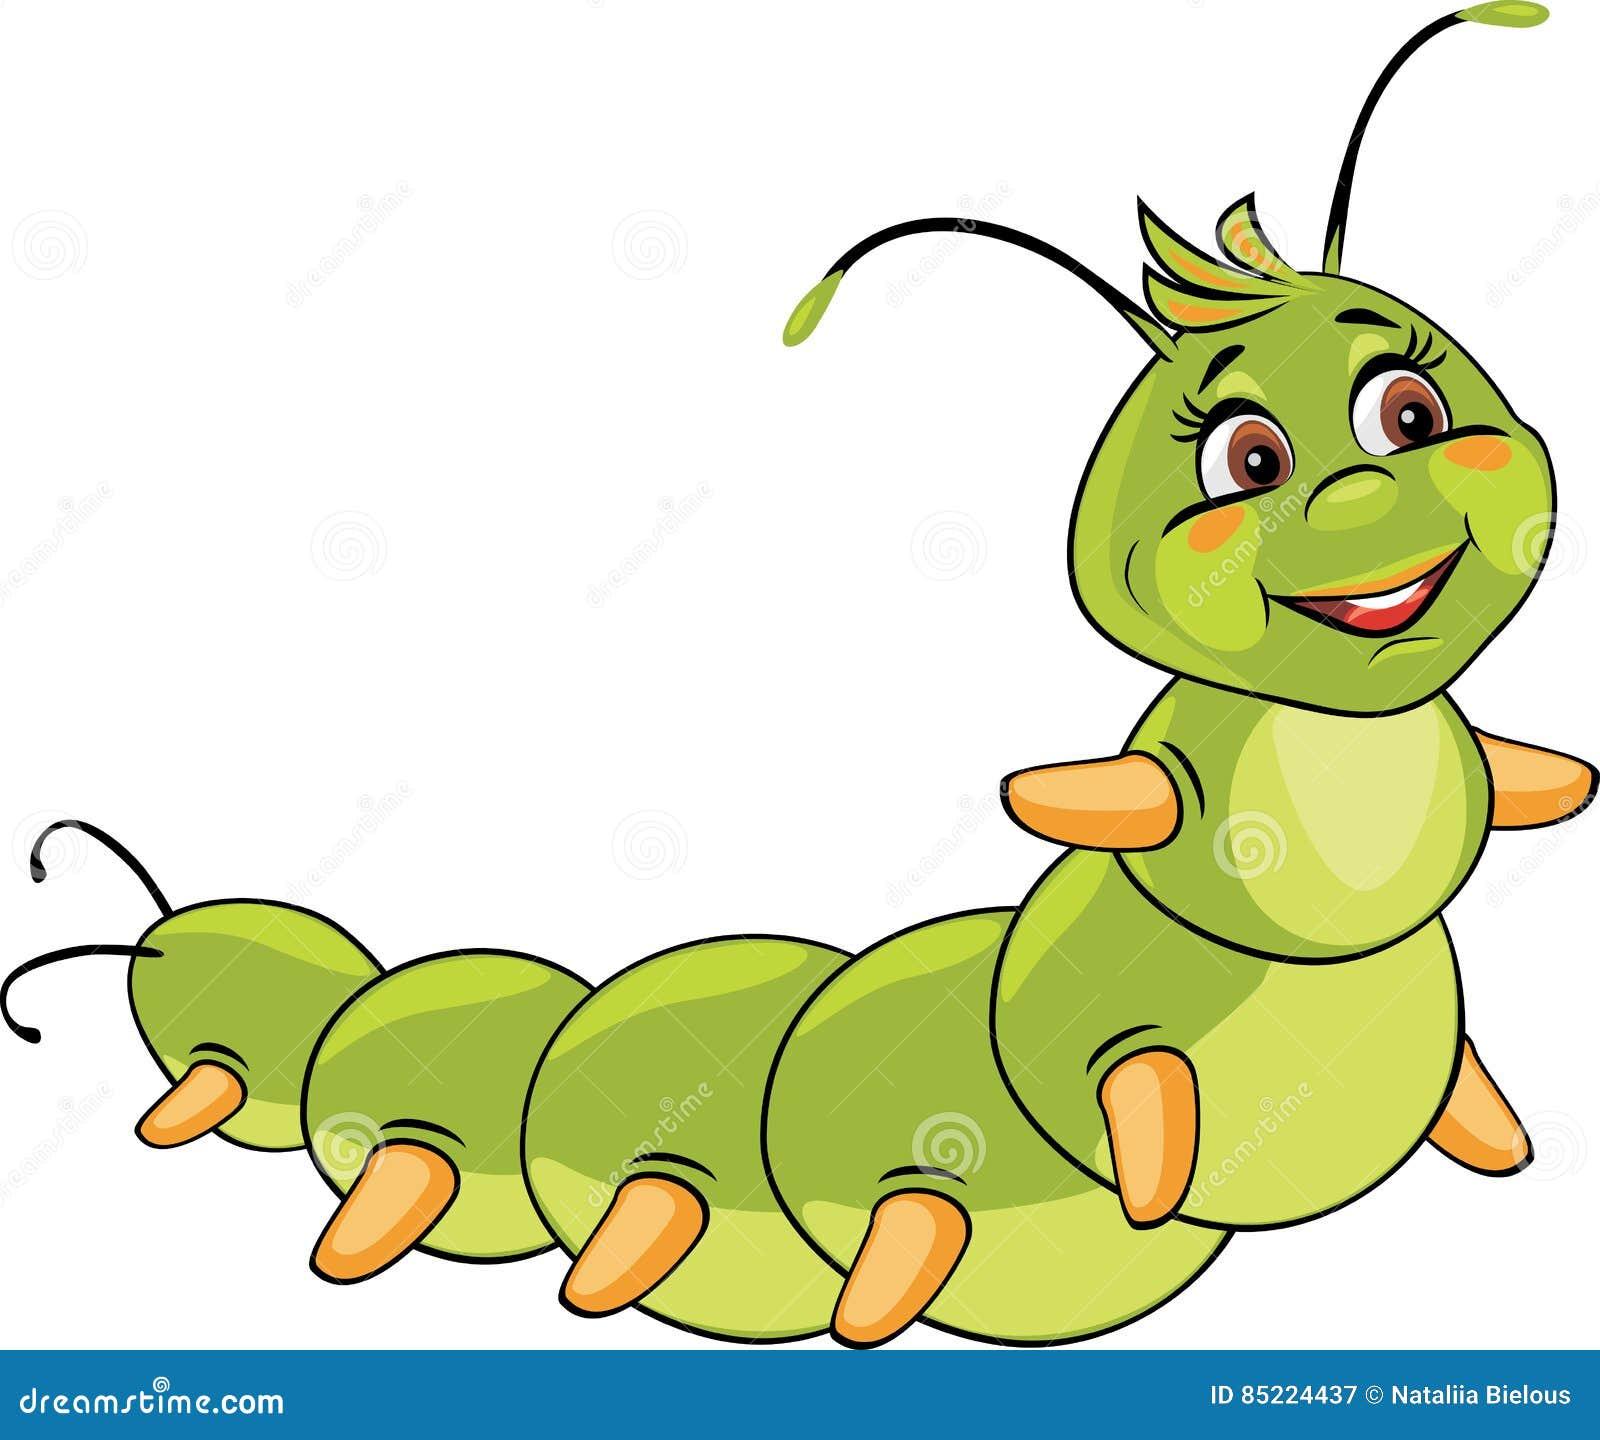 Cartoon smiling caterpillar